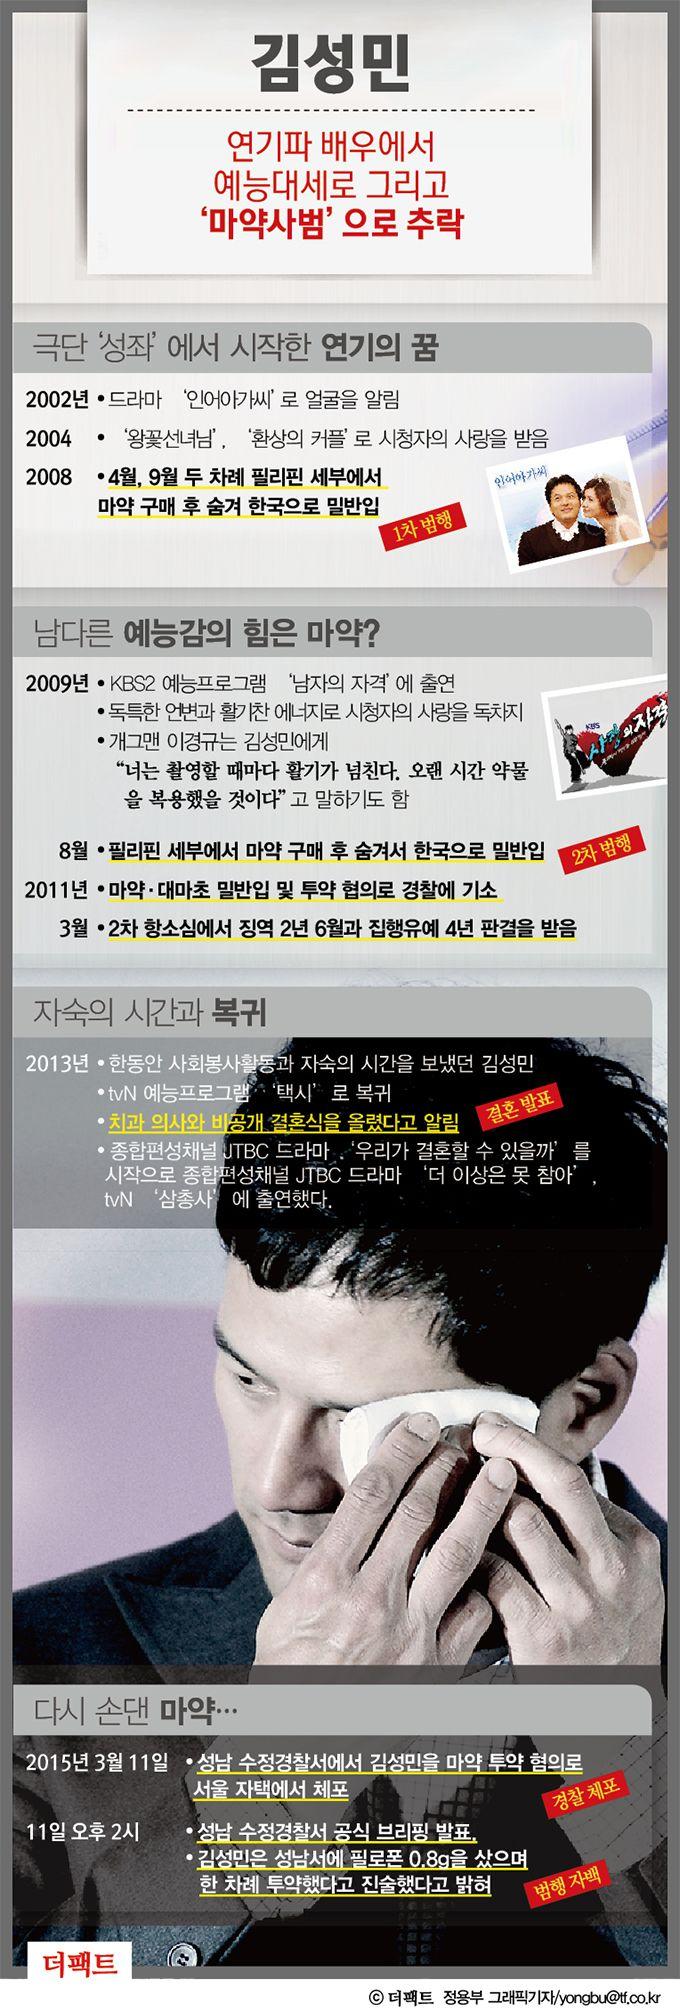 [TF히스토리] '또 마약' 김성민, 그의 파란만장 인생 / 인포그래픽 그래픽뉴스